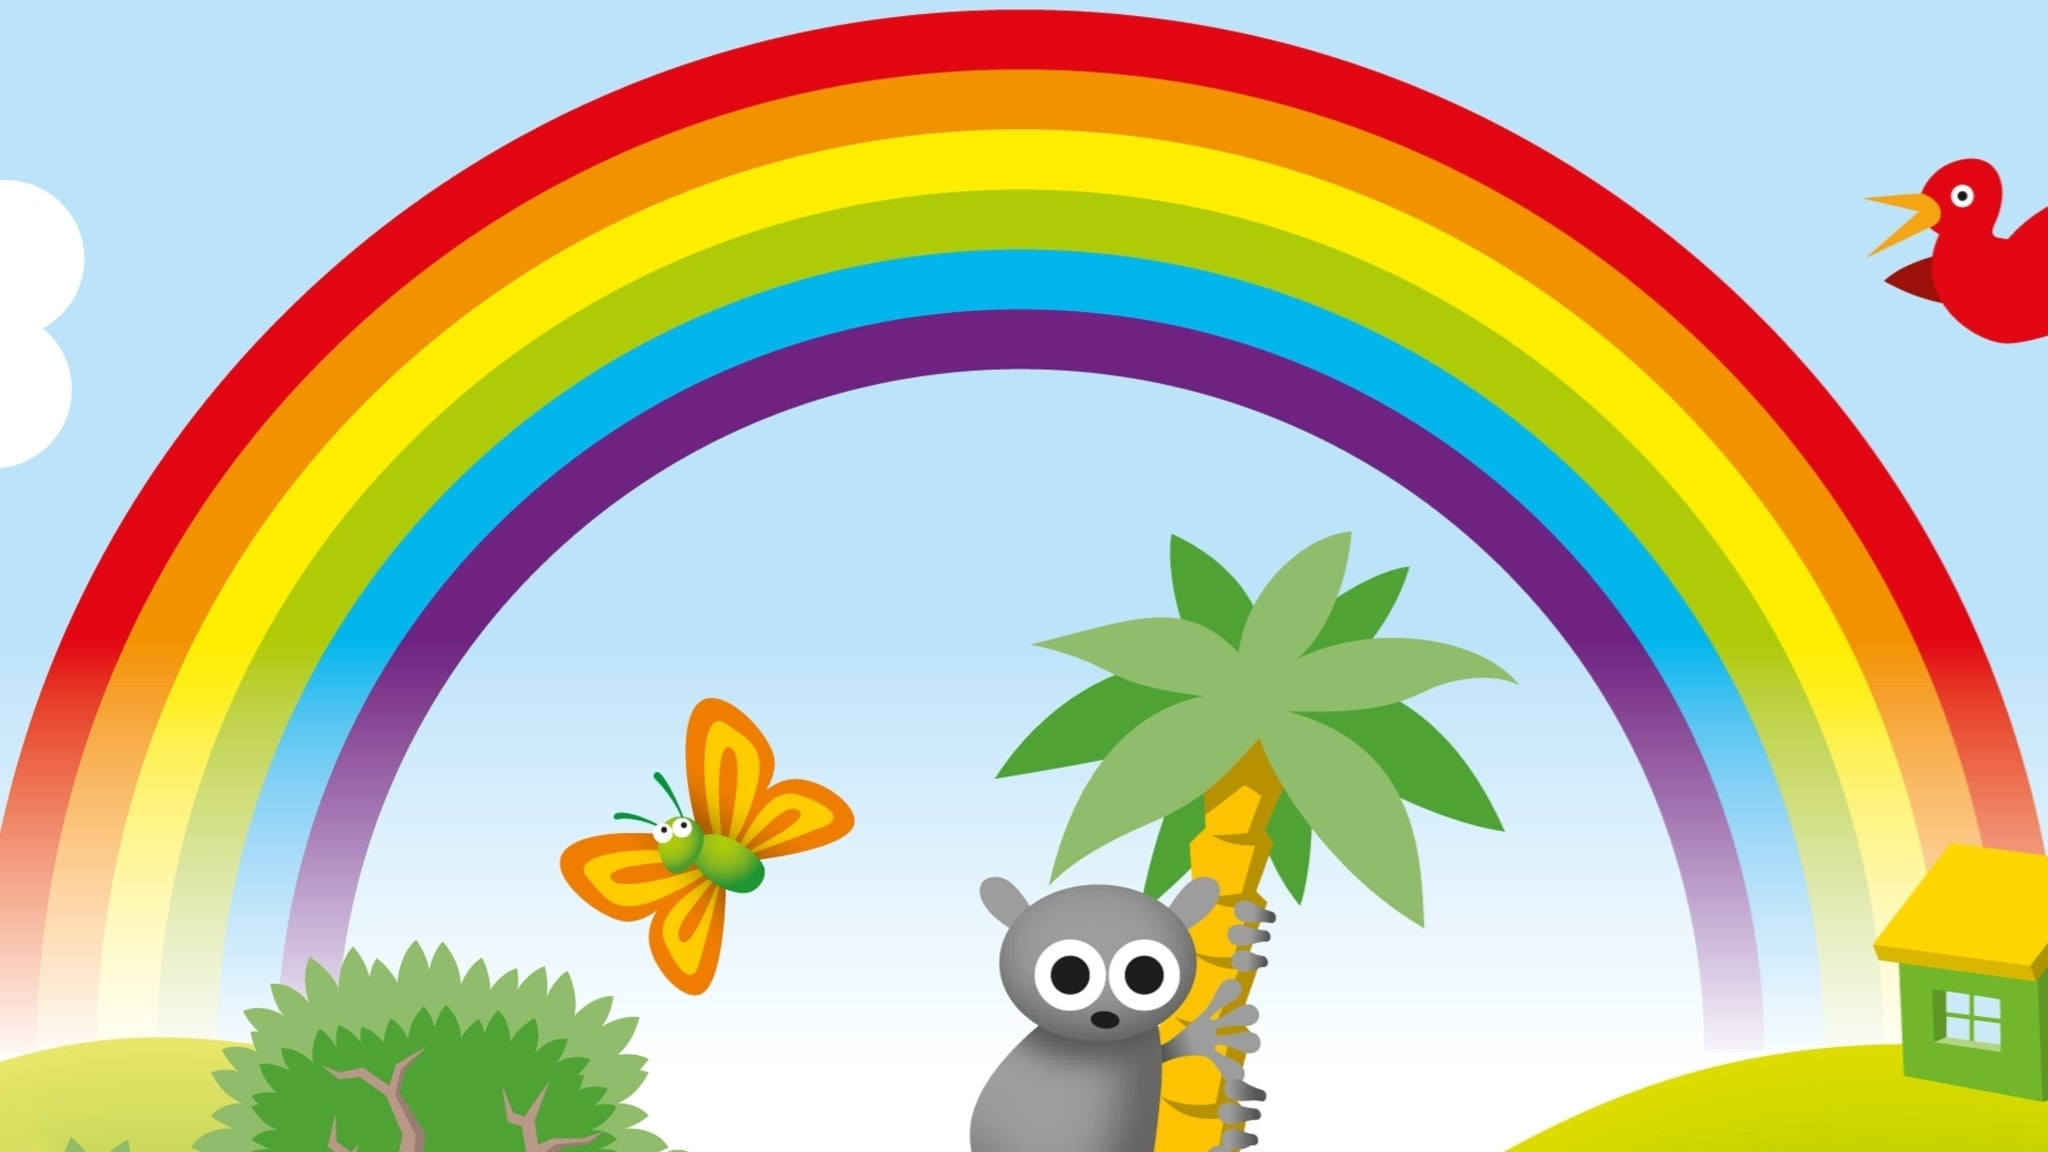 Regnbåge med många färger.